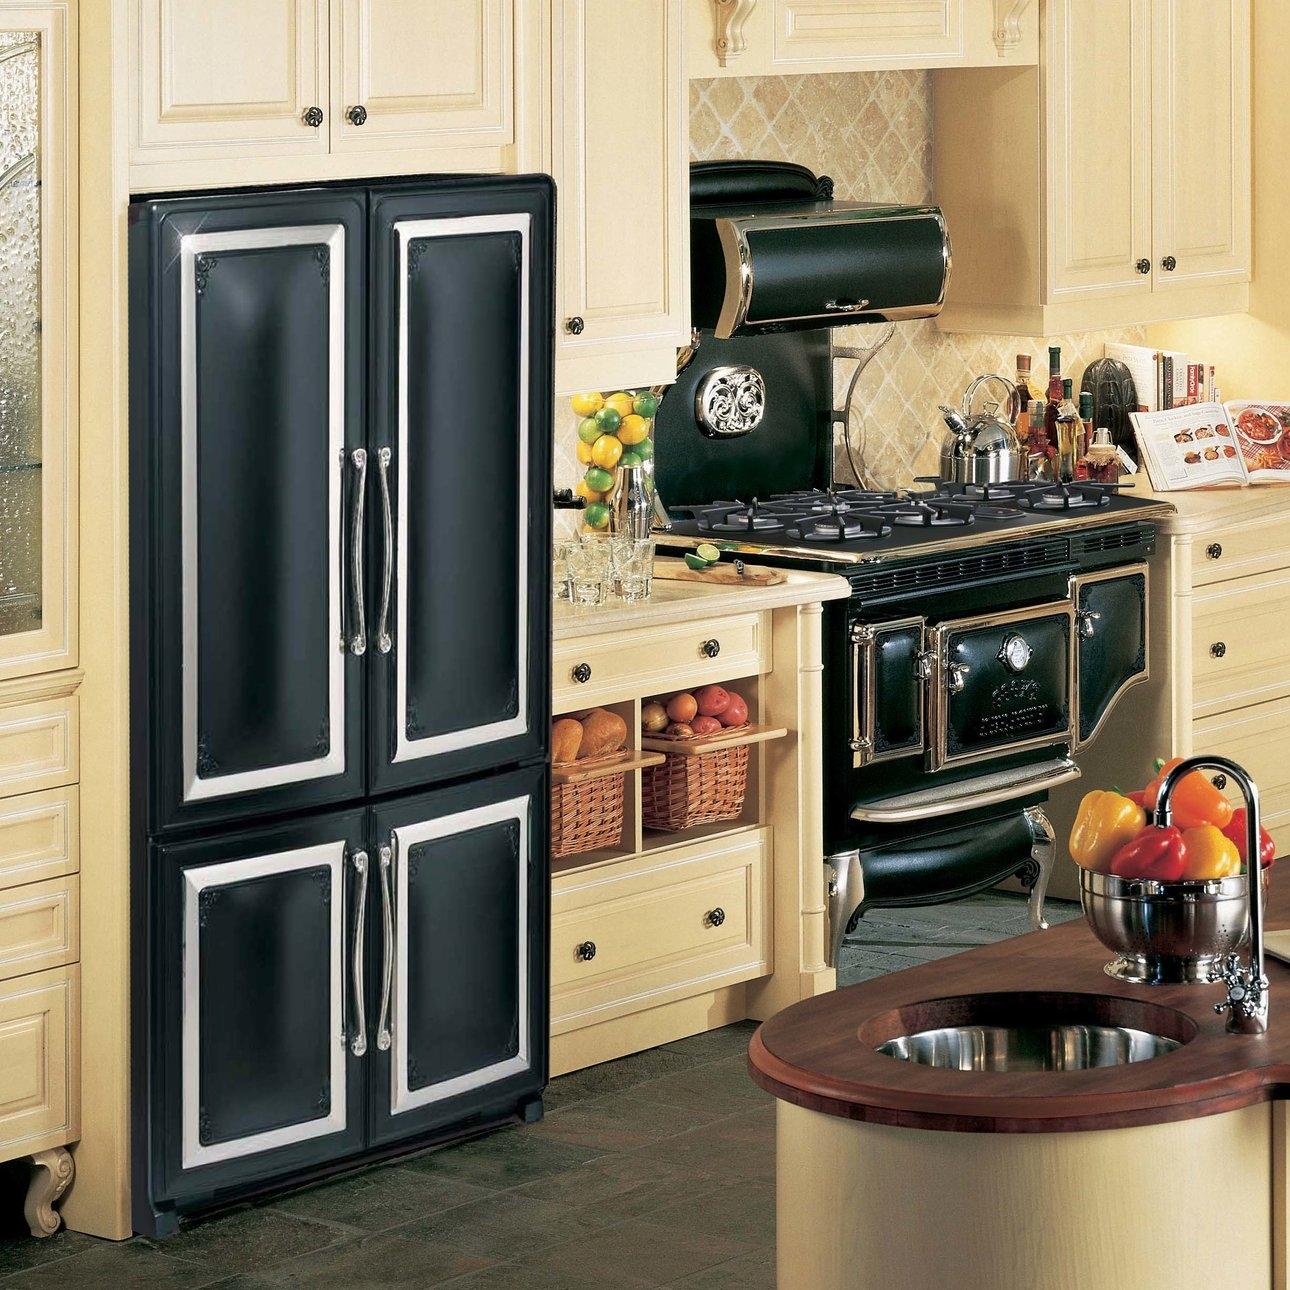 Antique Appliances -